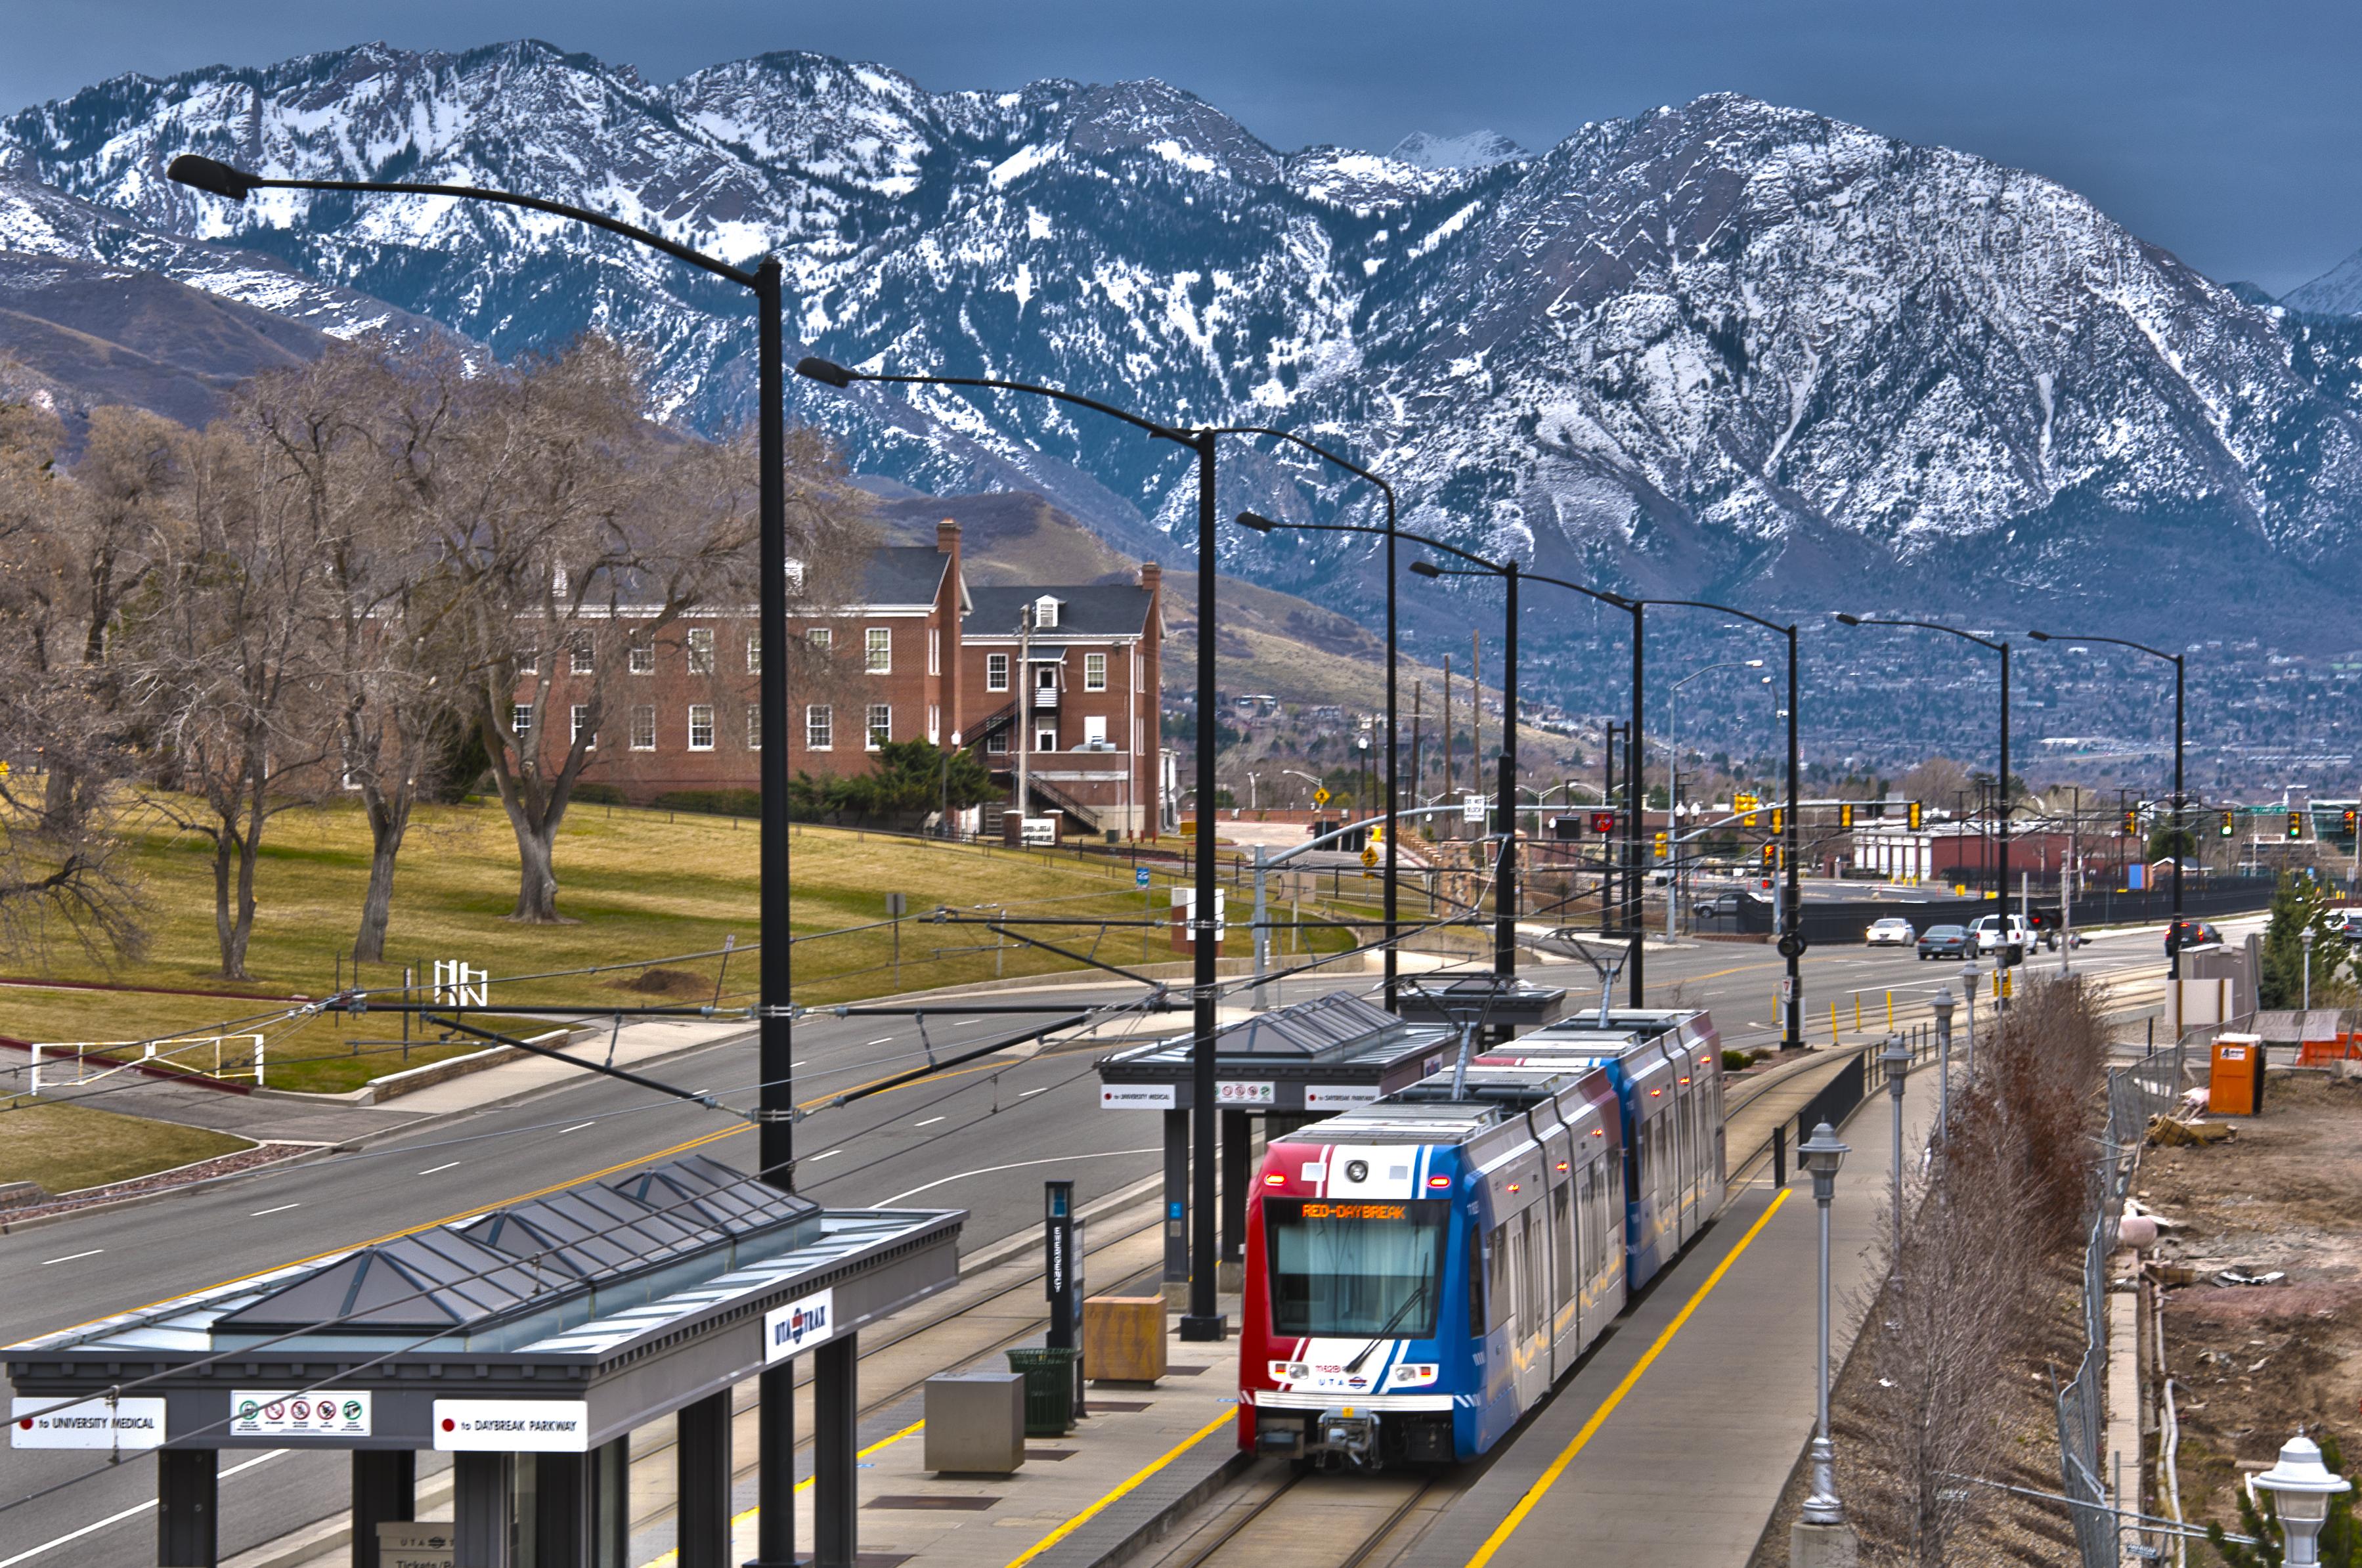 Fort Douglas Station, Salt Lake City (credit: Flickr user vxla)